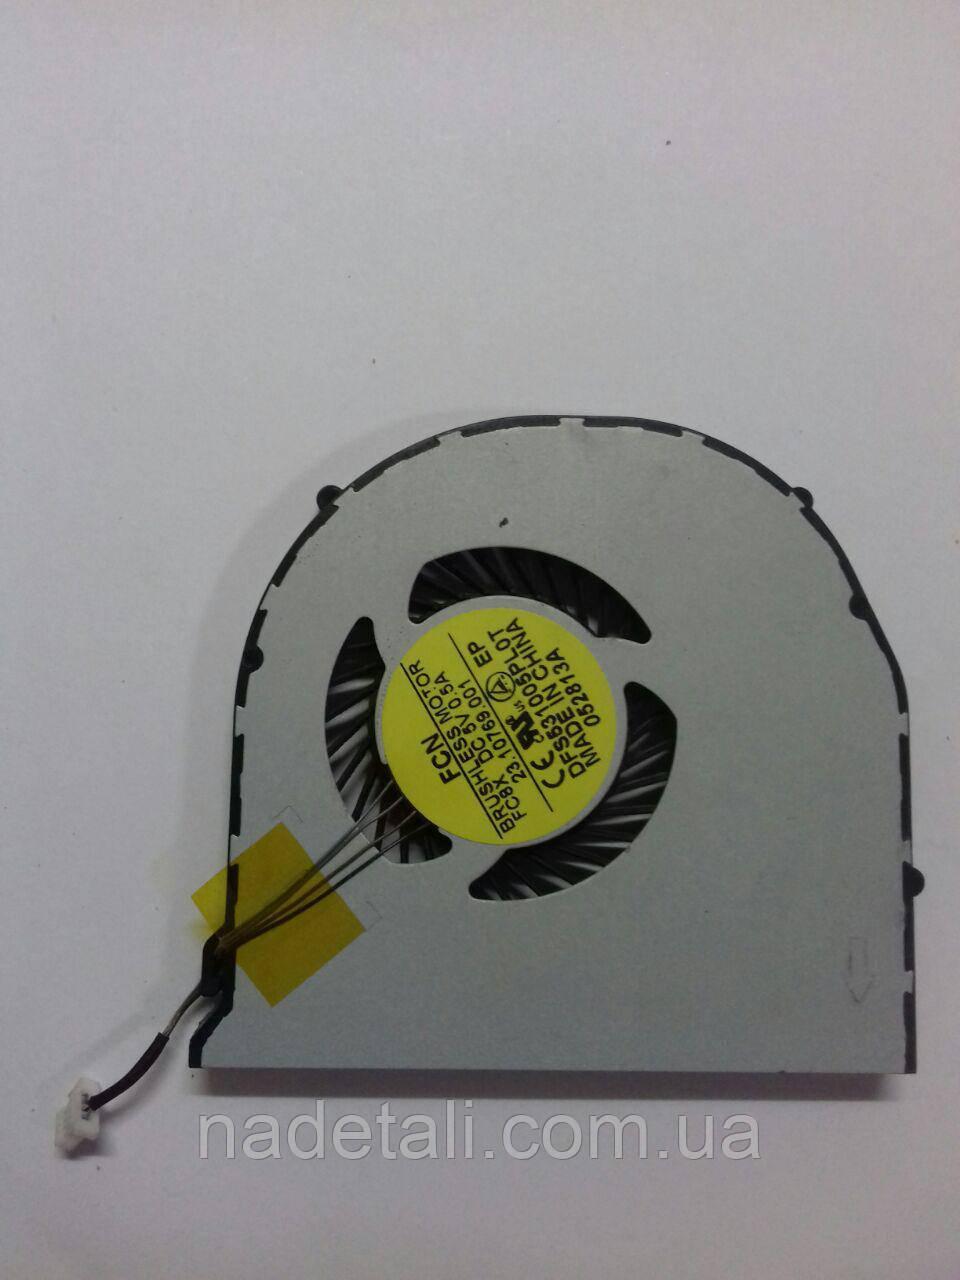 Вентилятор Acer E1-522 ОРИГИНАЛ